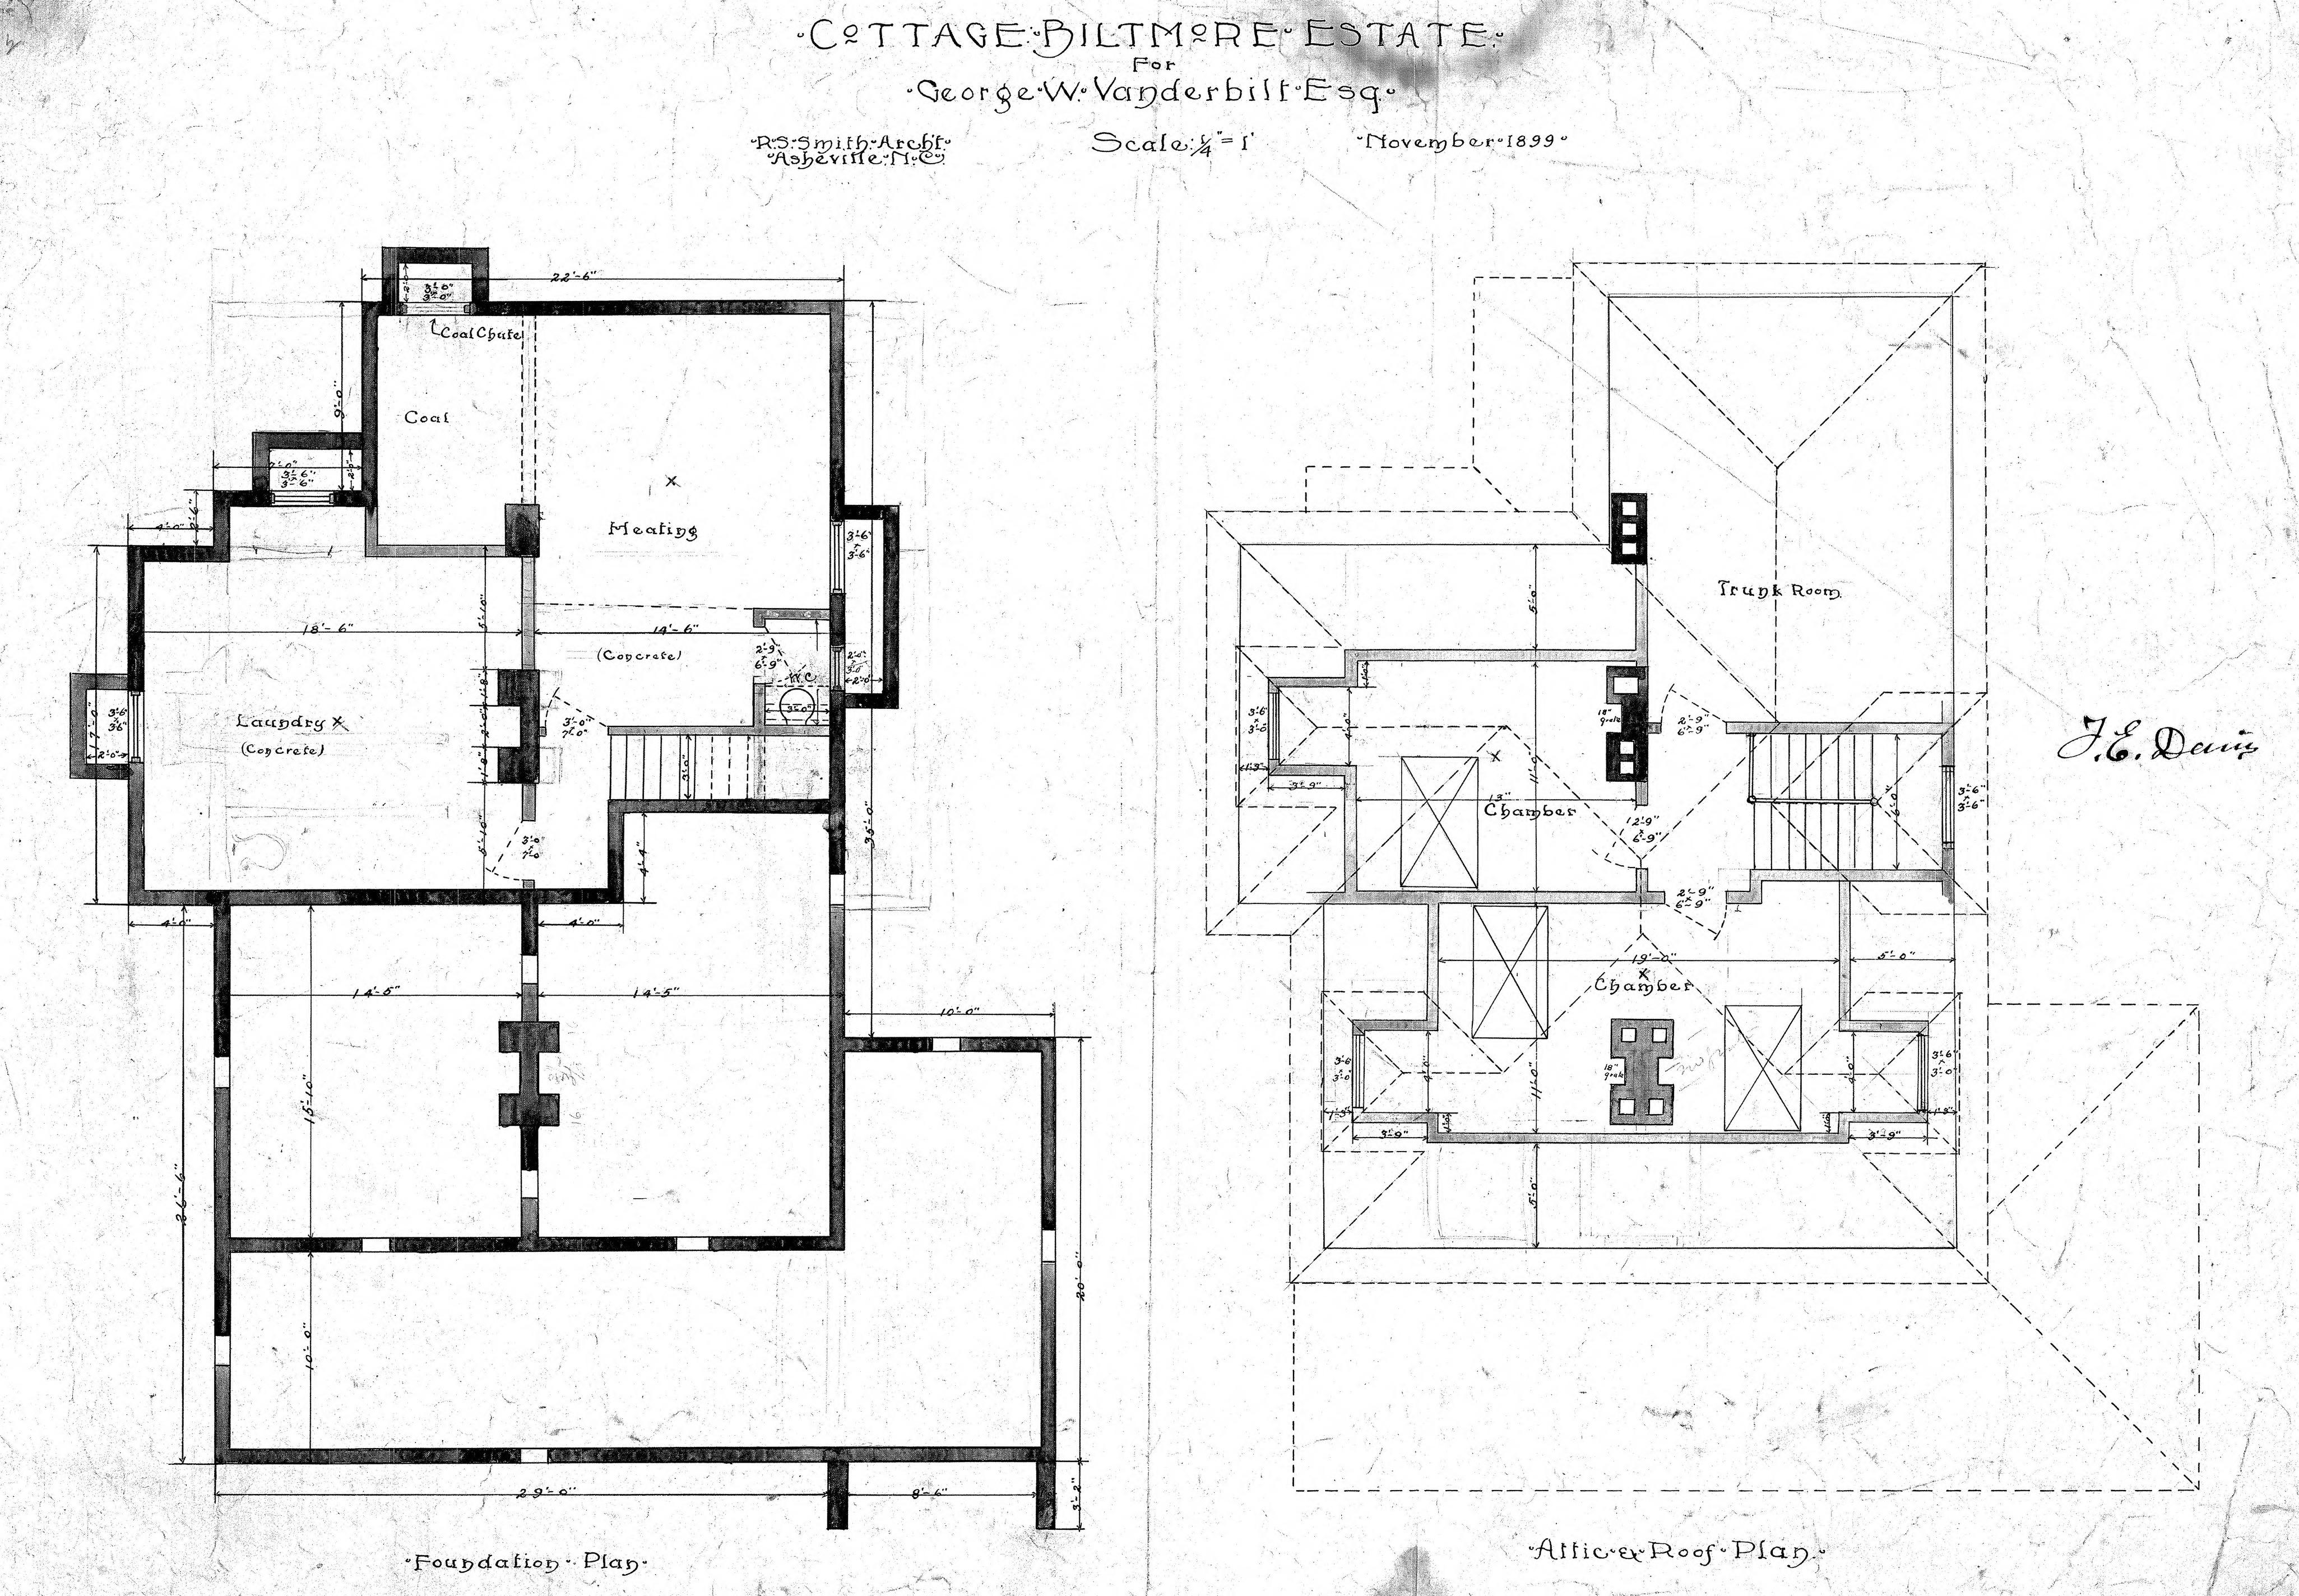 Cottage For Geo W Vanderbilt Esq Foundation Attic Roof